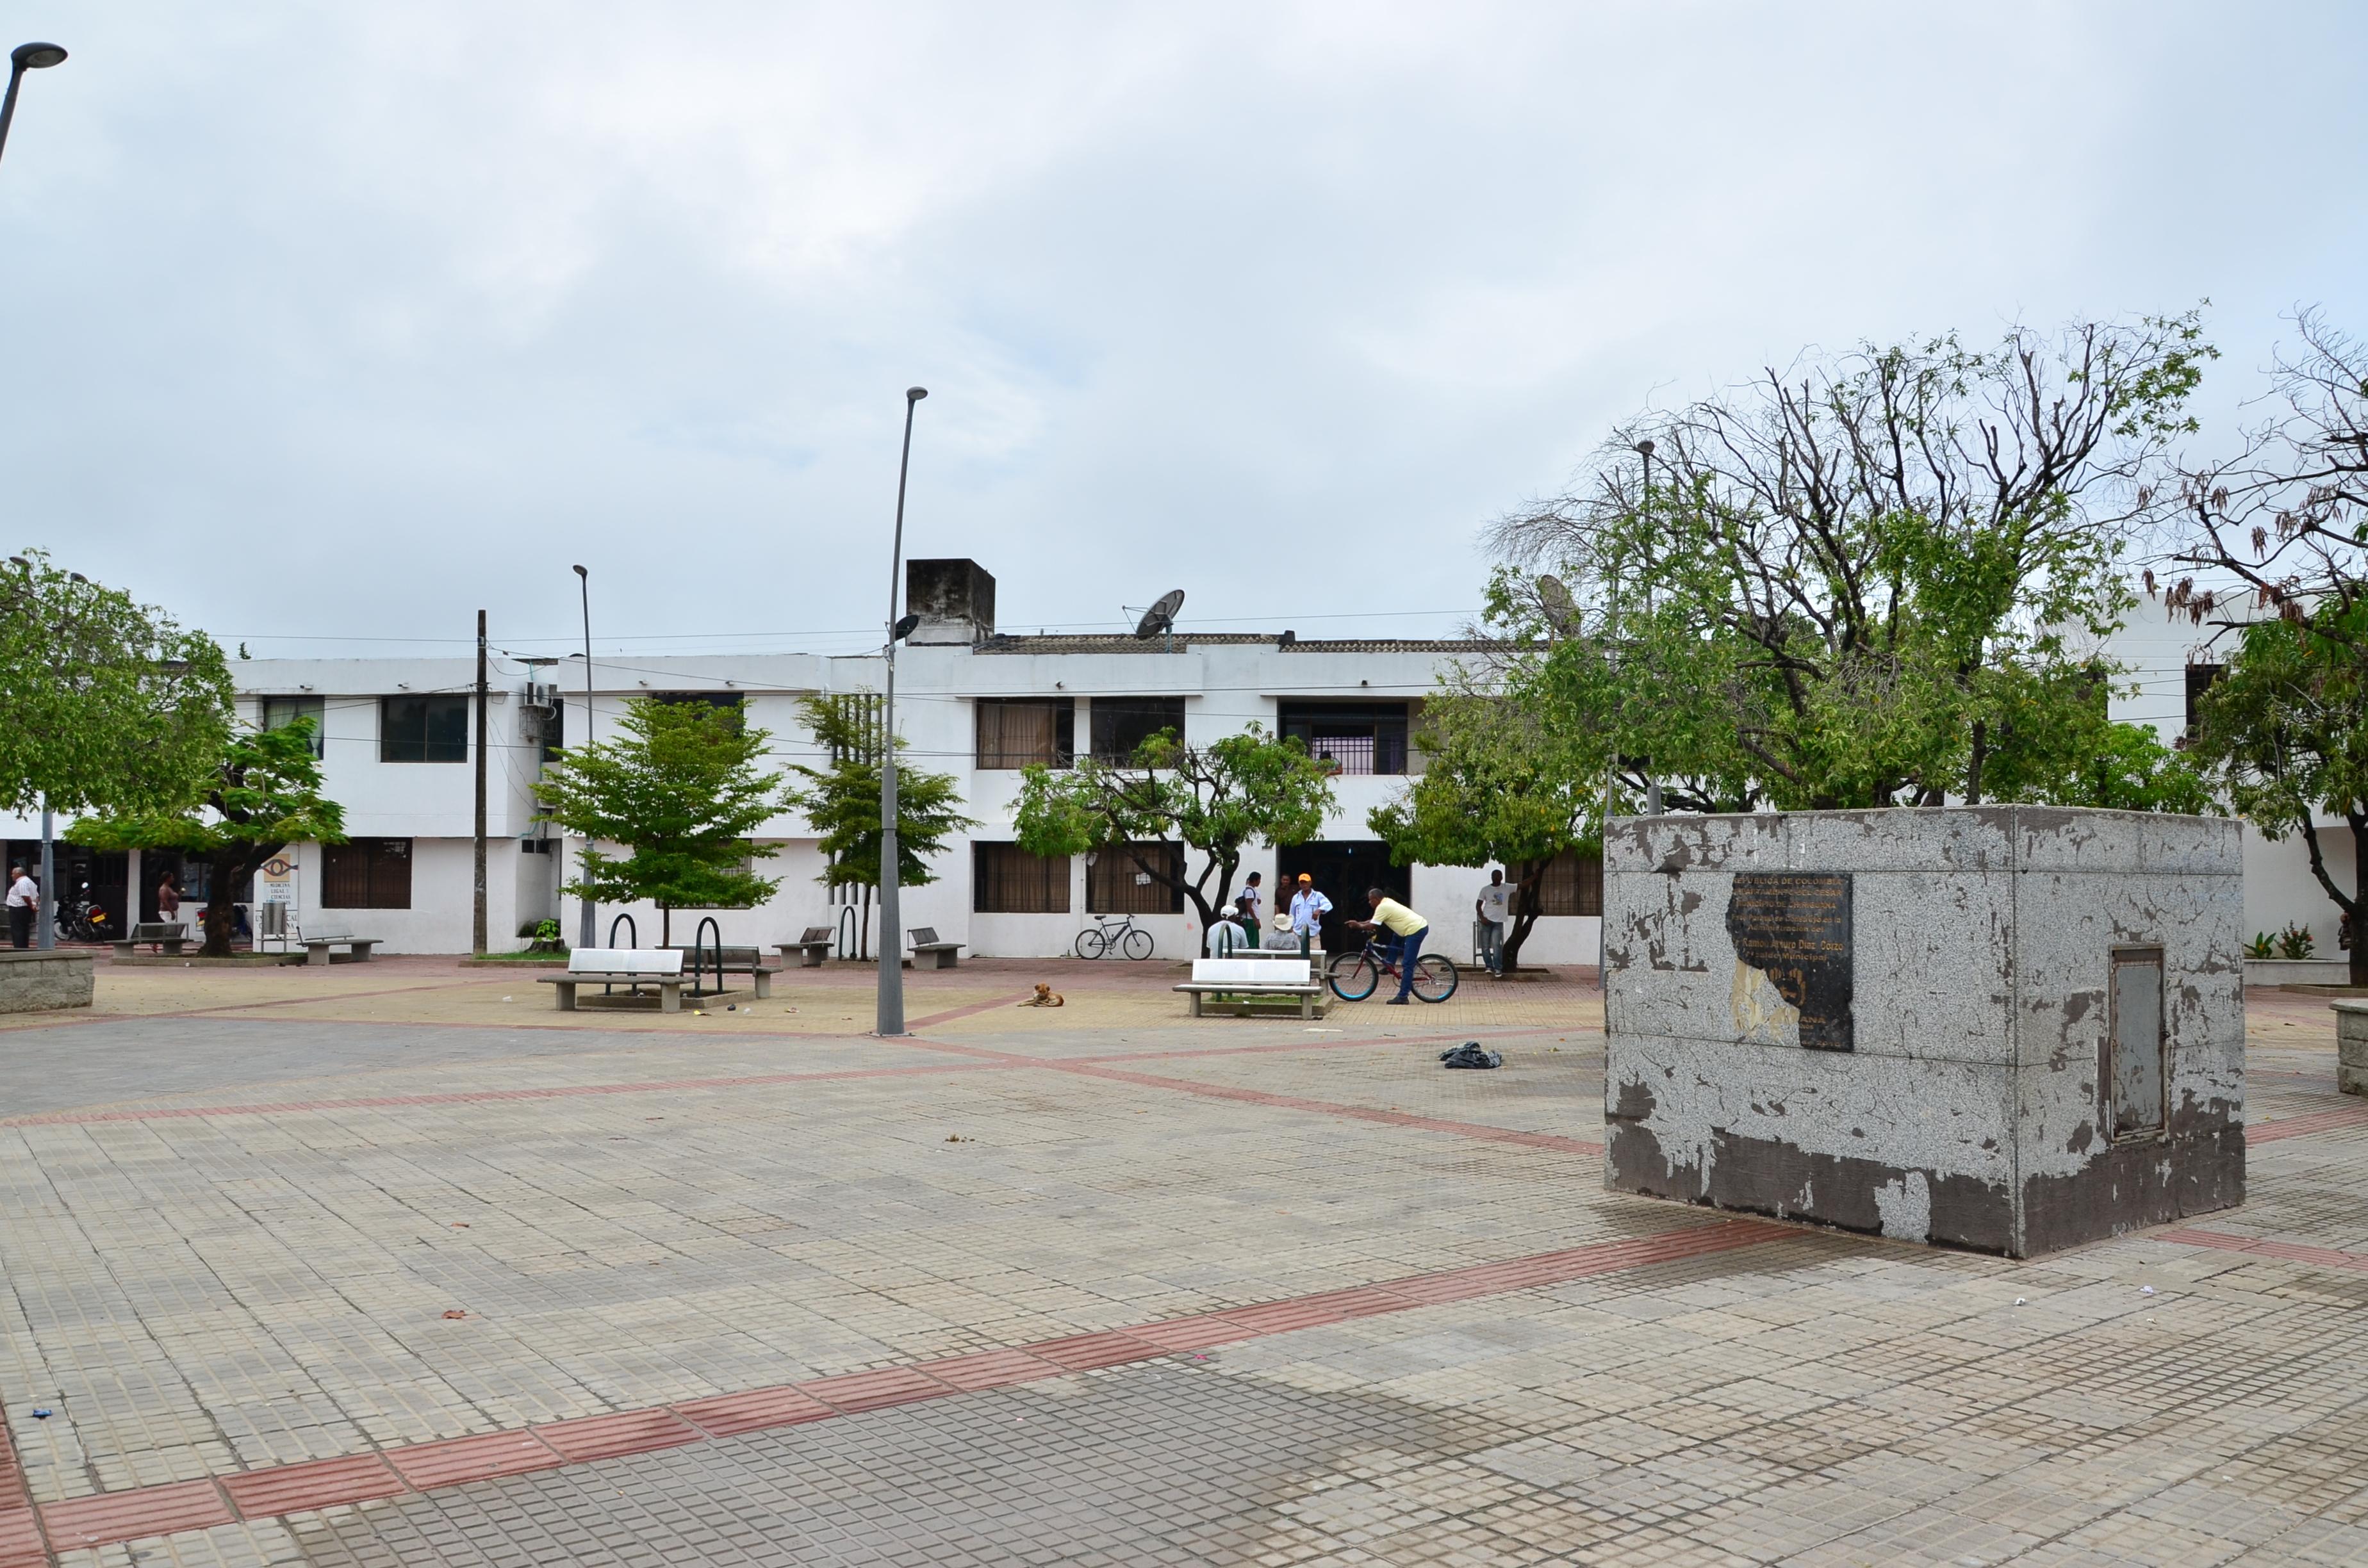 Panorámica de la plaza en Chiriguaná y de la Alcaldía del municipio ubicado en la zona rural del departamento del Cesar.